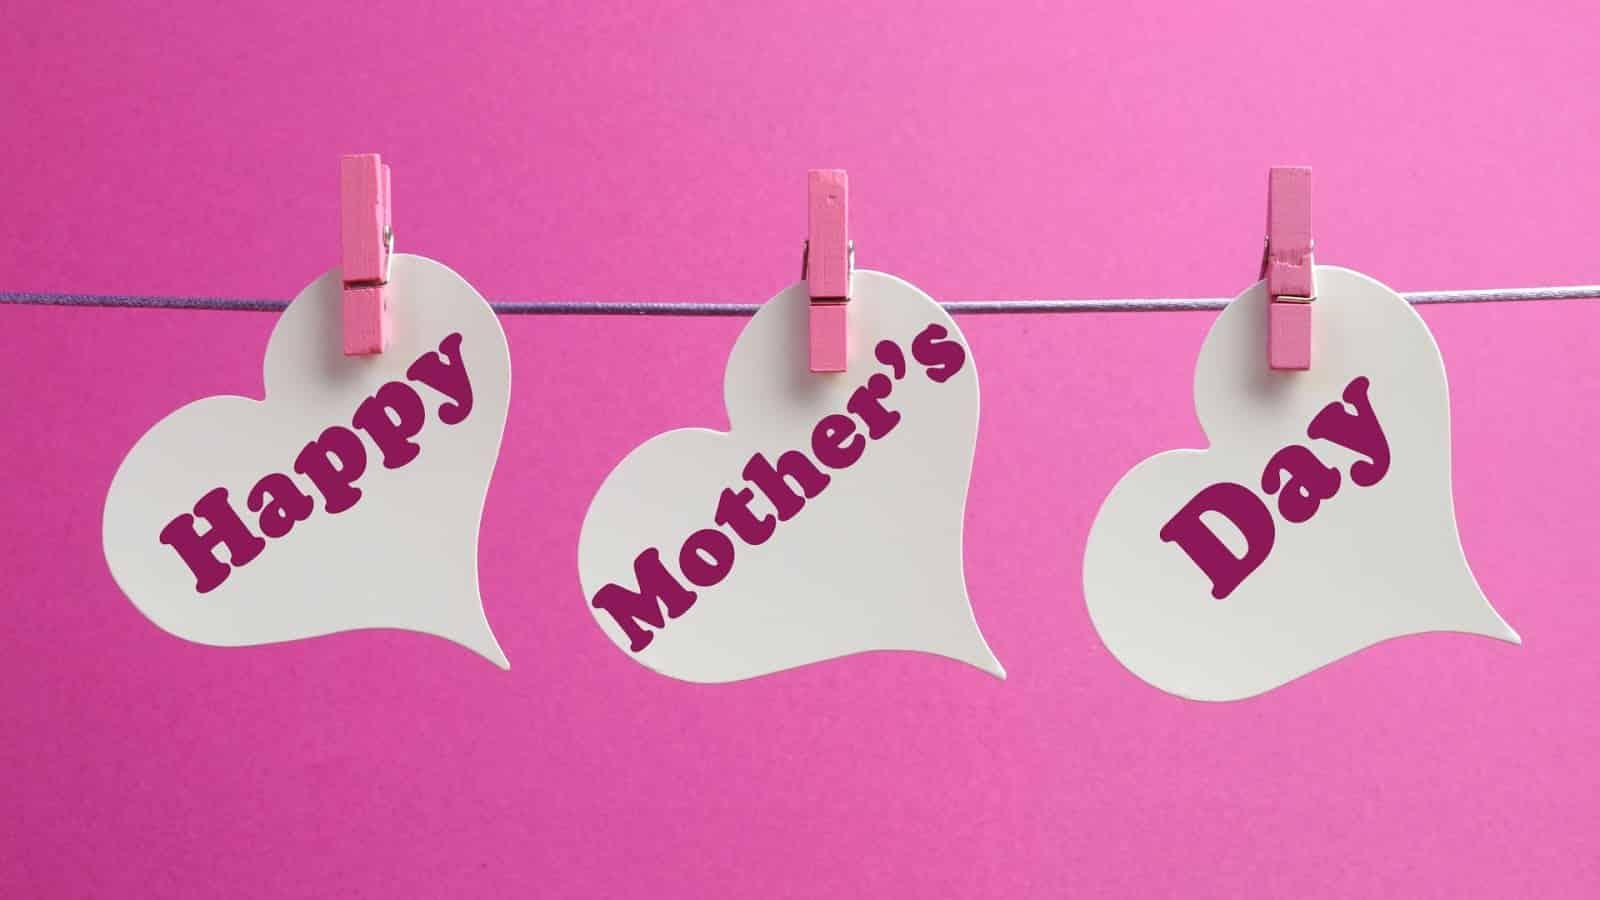 صور وكروت وبطاقات معايدة لعيد الأم - Happy Mother's Day 2020 5